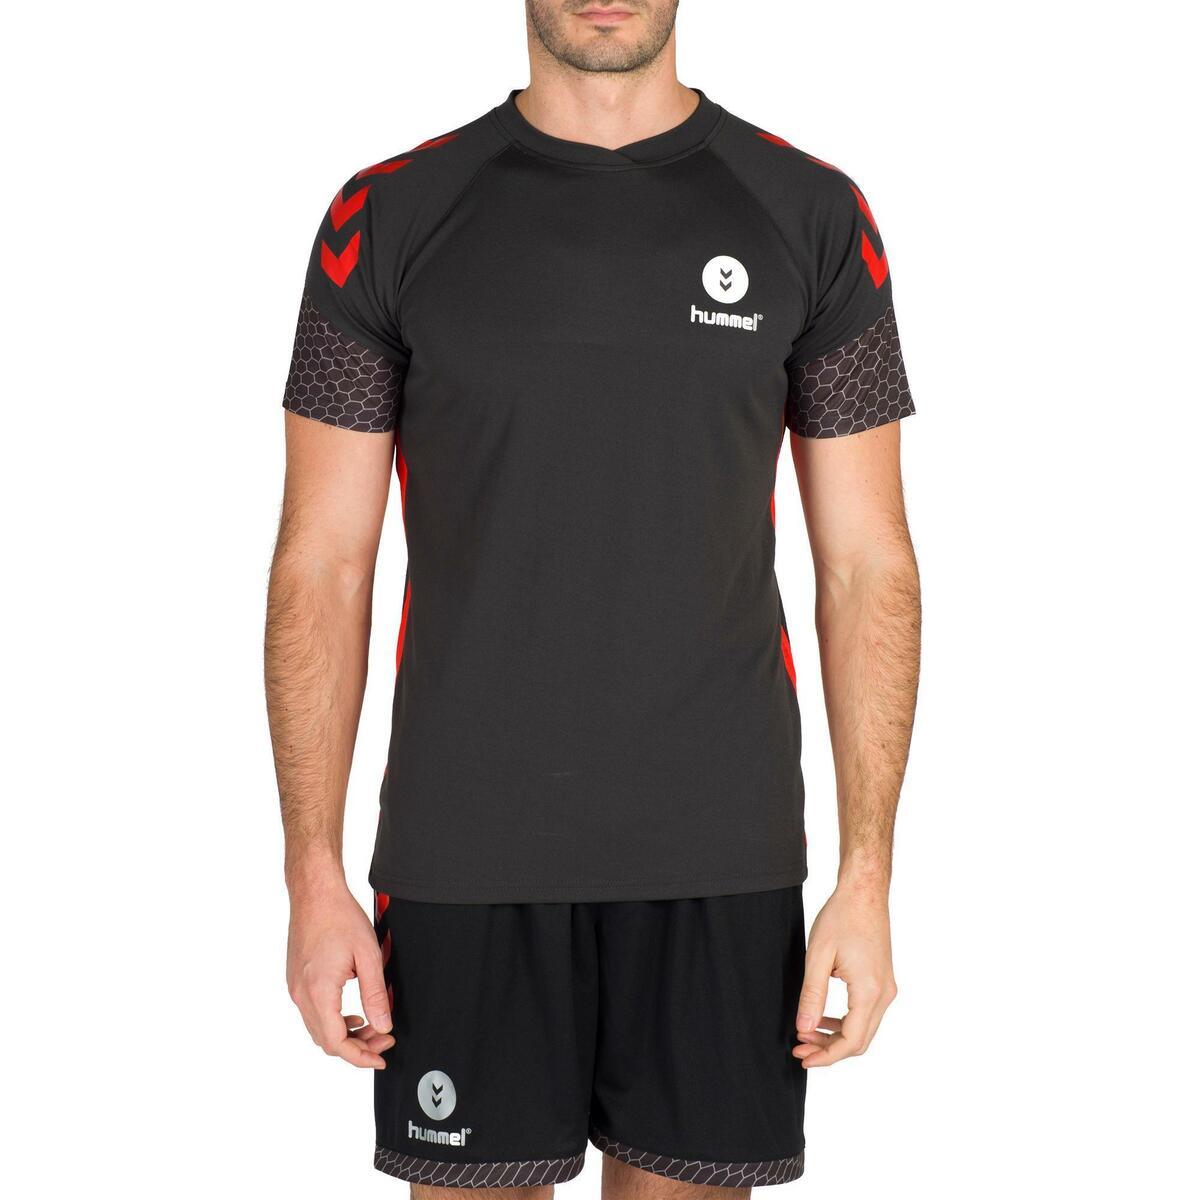 Bild 2 von Handballtrikot Herren grau/rot